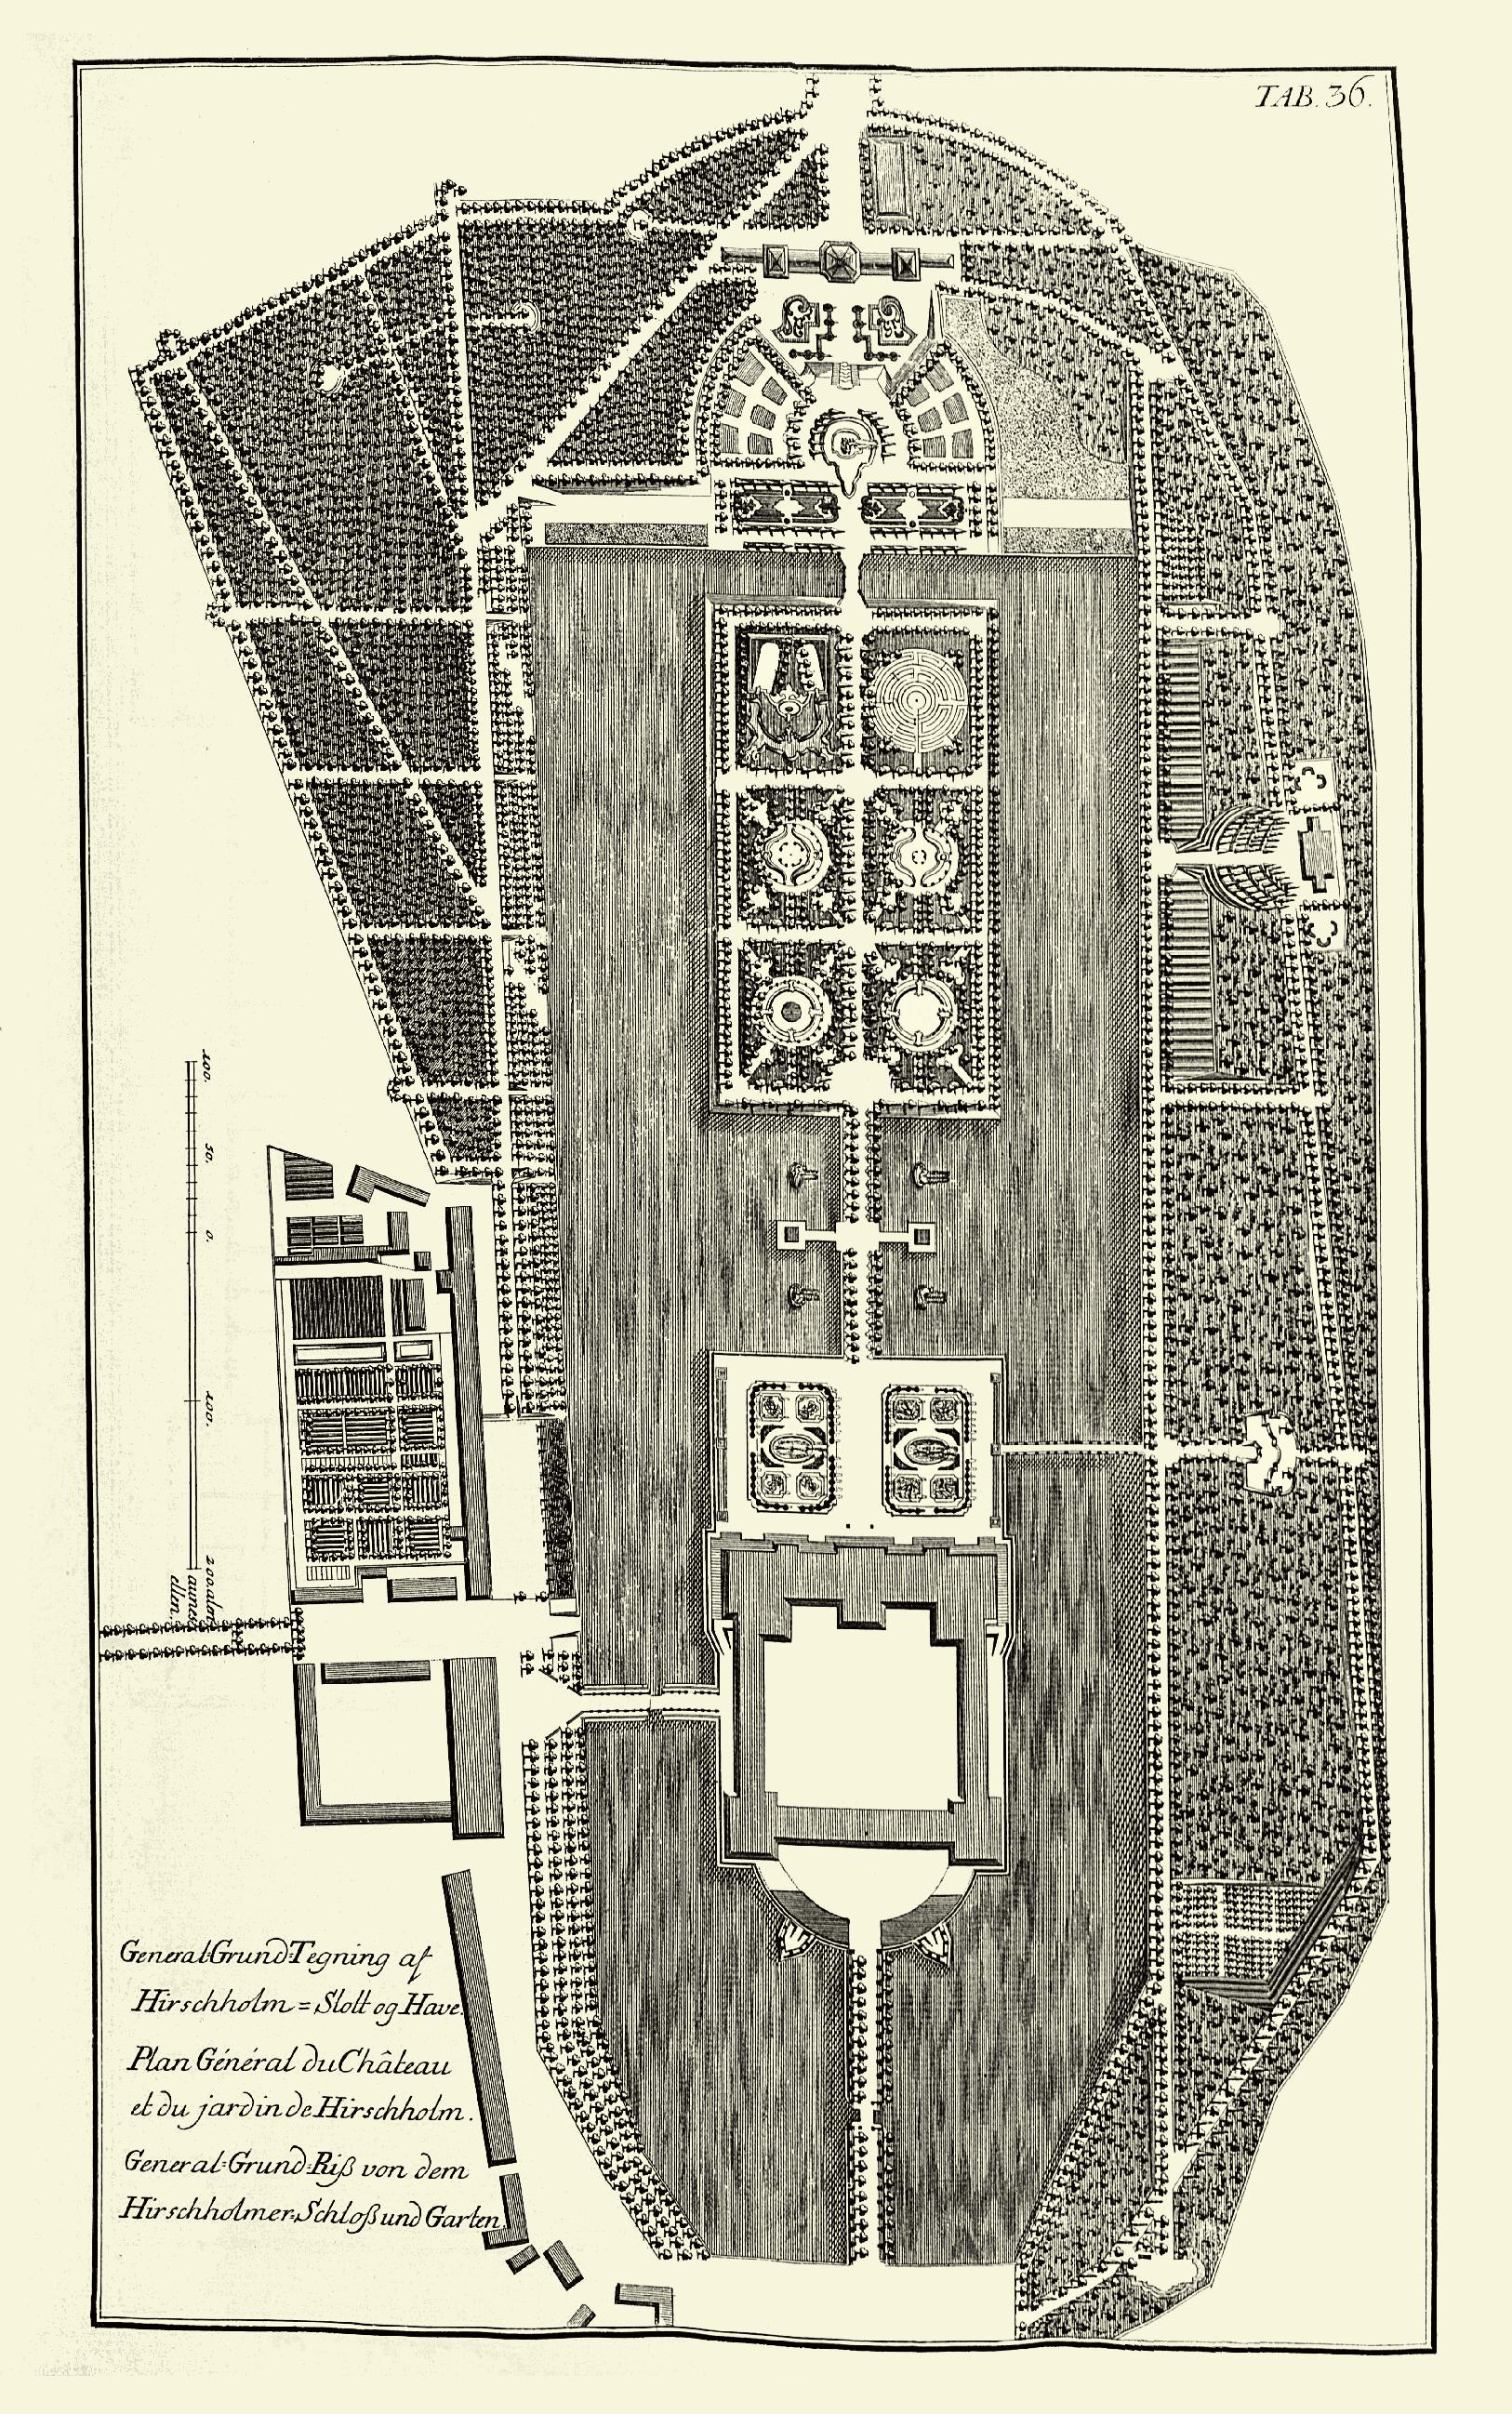 Hirschholm Slot og Have 1749 Laurids de Thurah